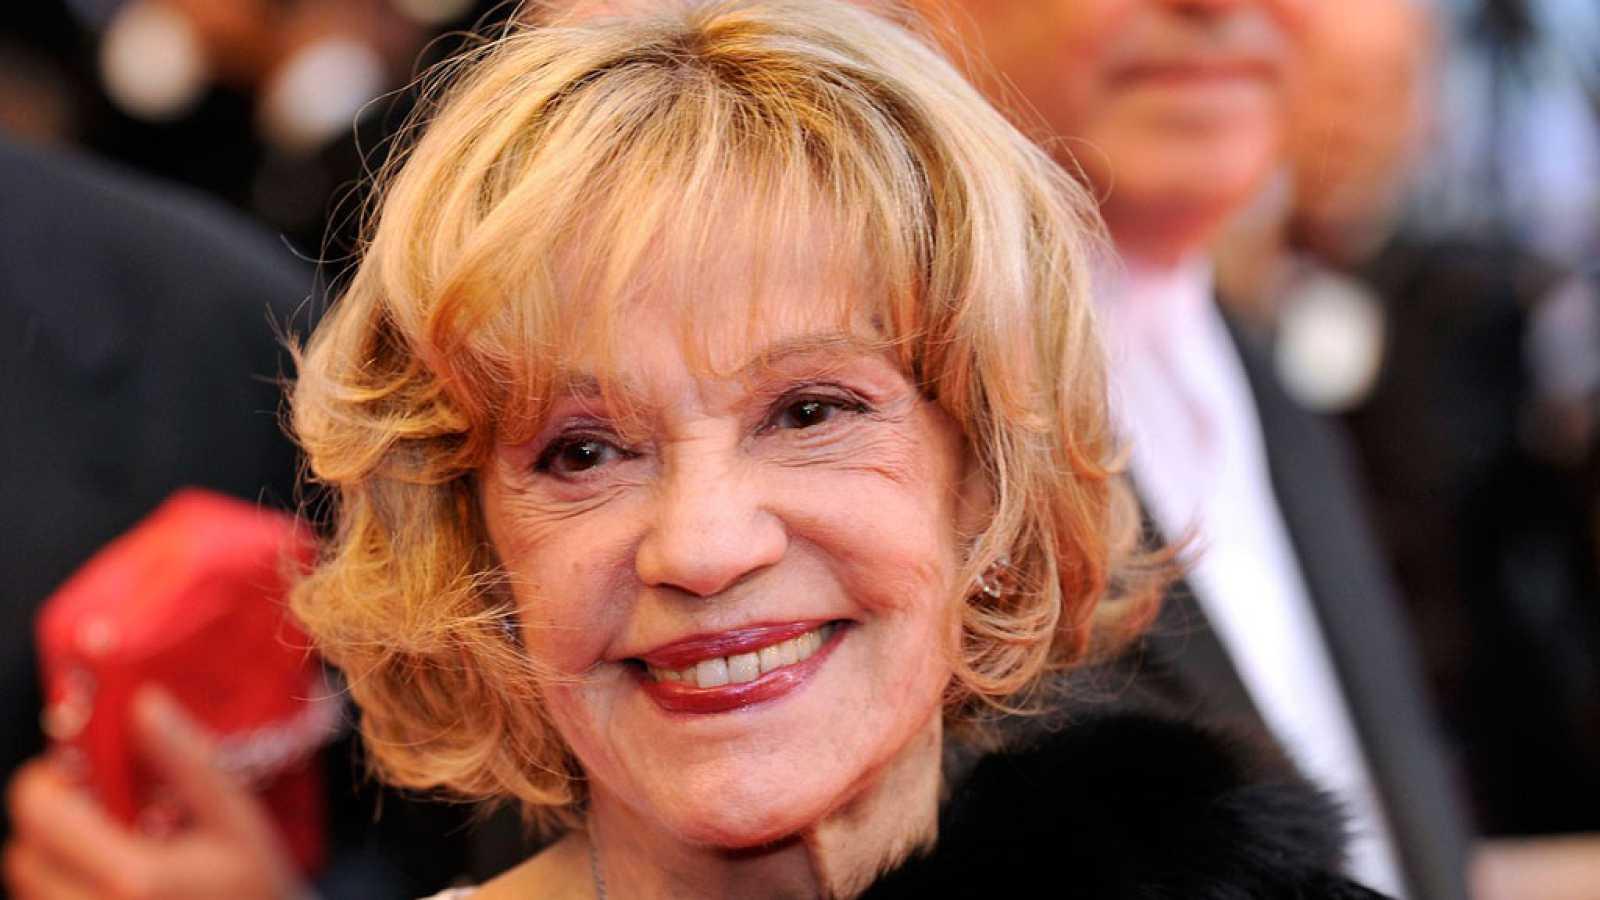 Muere Jeanne Moreau, una de las actrices más representativas del cine francés y europeo